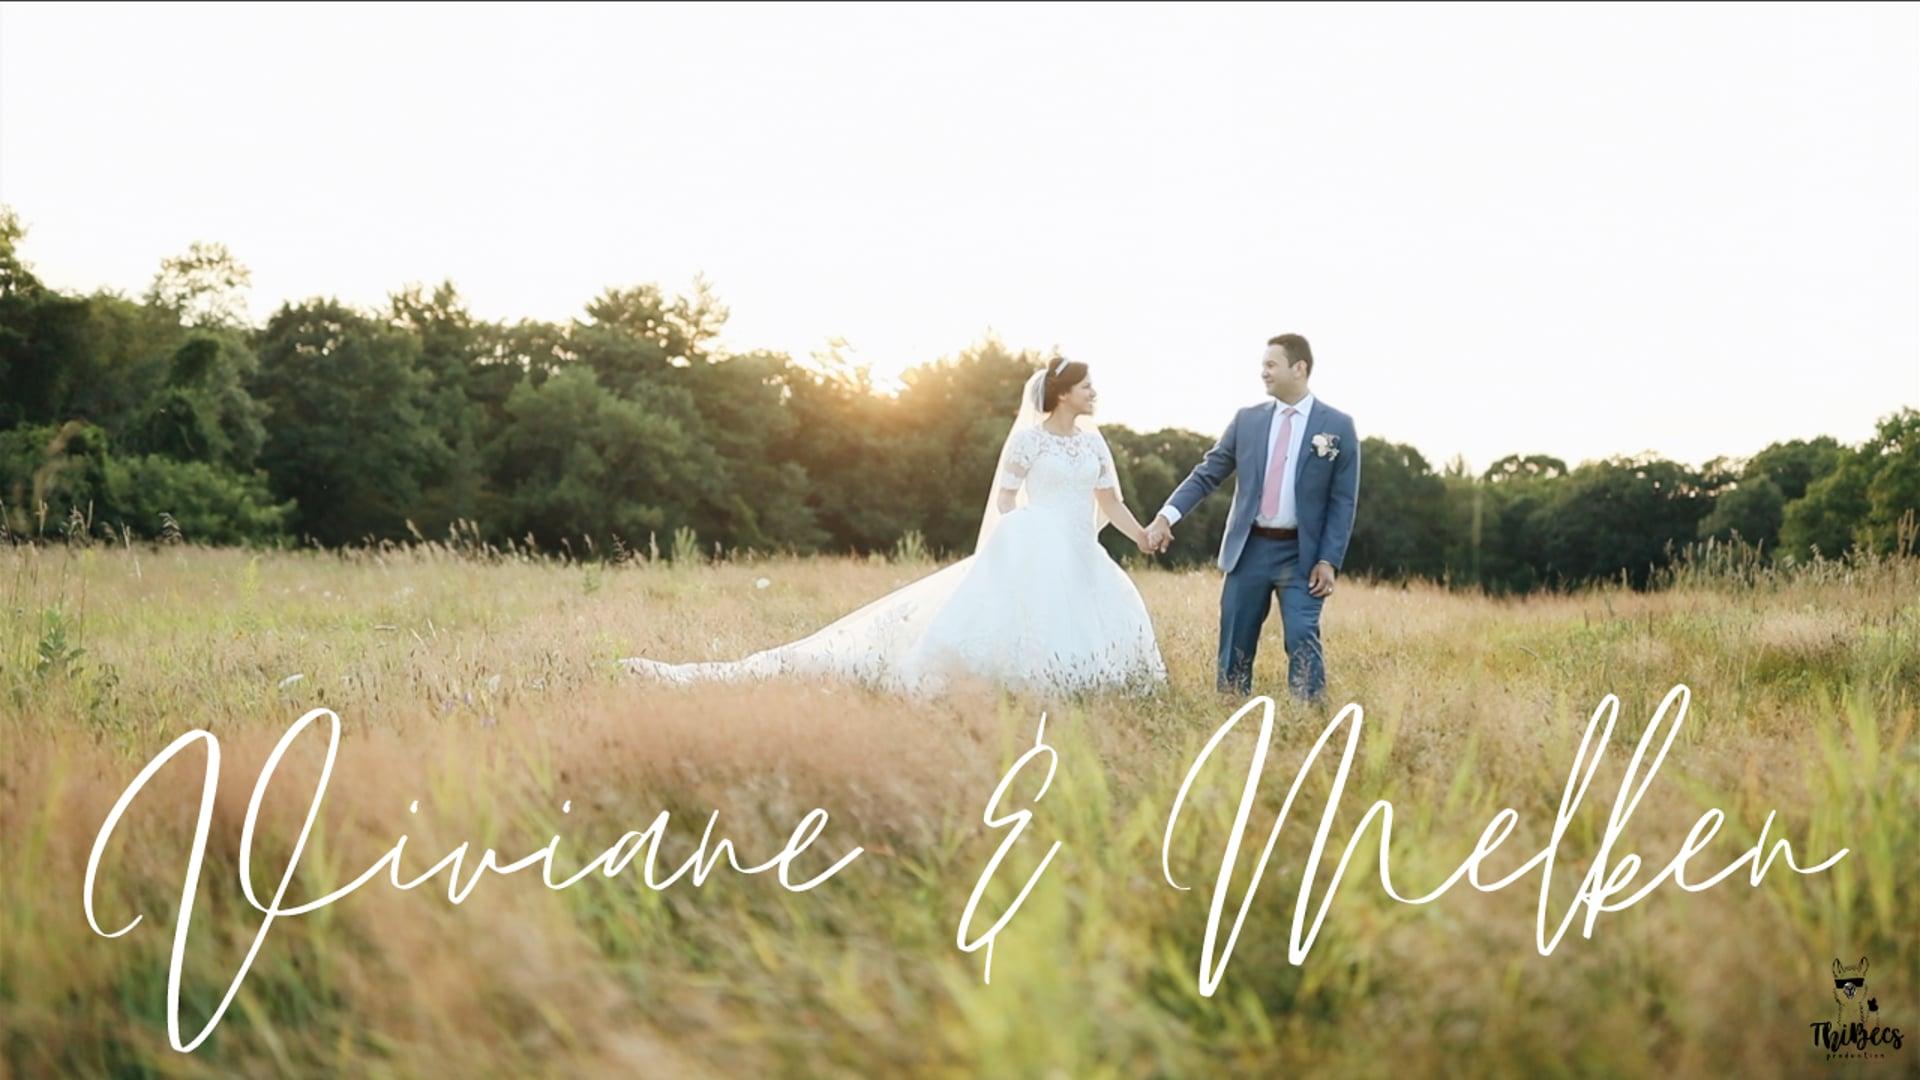 Viviane & Melken | Cinematic Highlight Video | Topsfield, MA